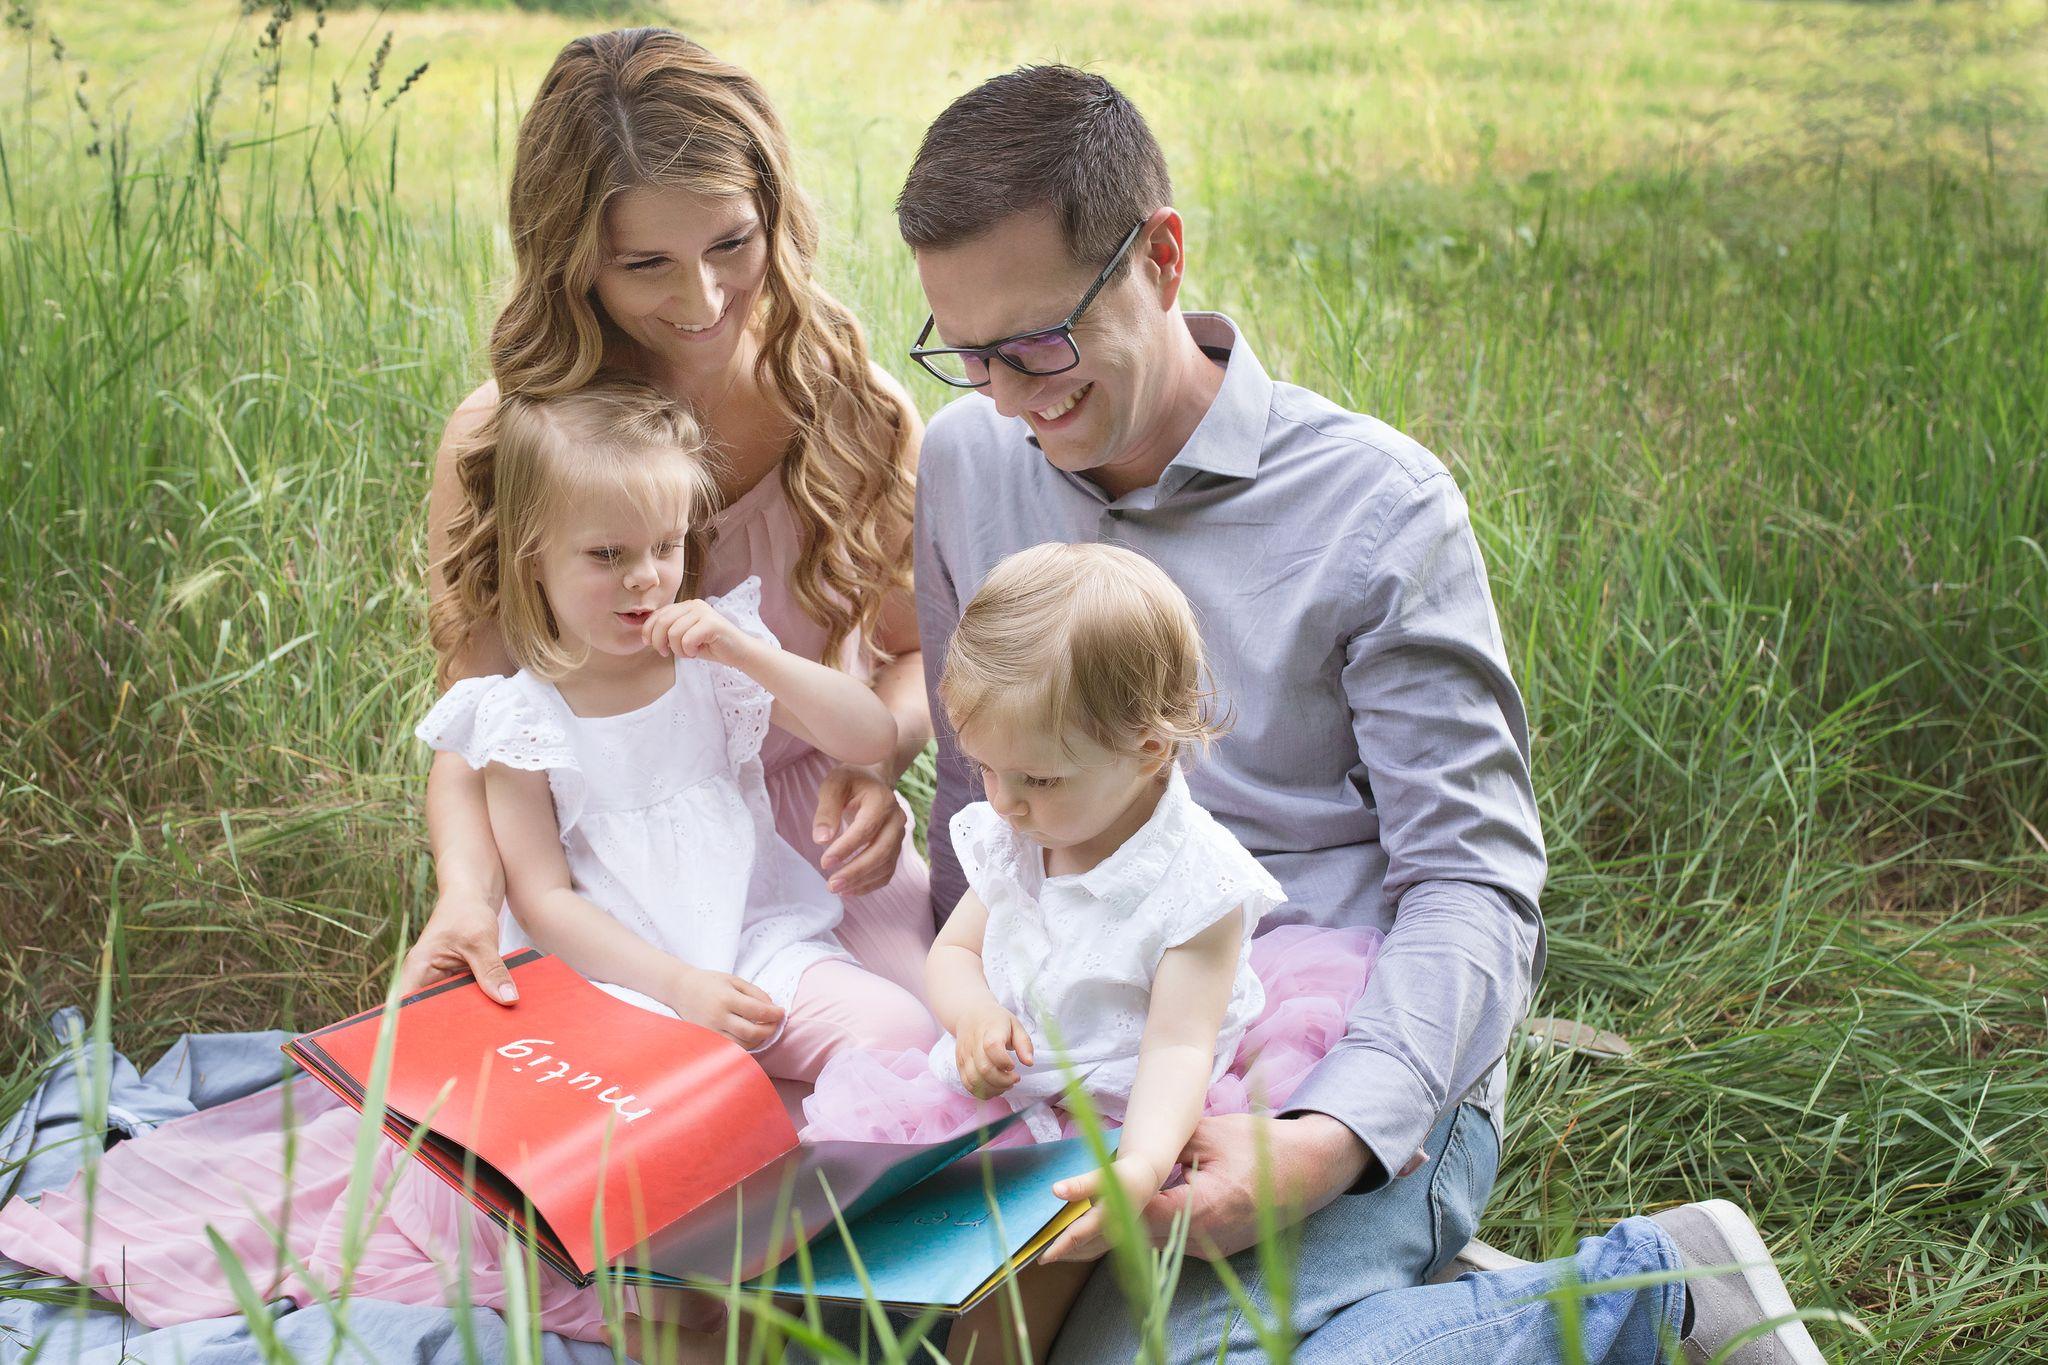 die lesende vierköpfige Familie in der Natur zeigt sich auf dem Titelbild der Familienshooting Galerie bzw. des Portfolios von Sabrina